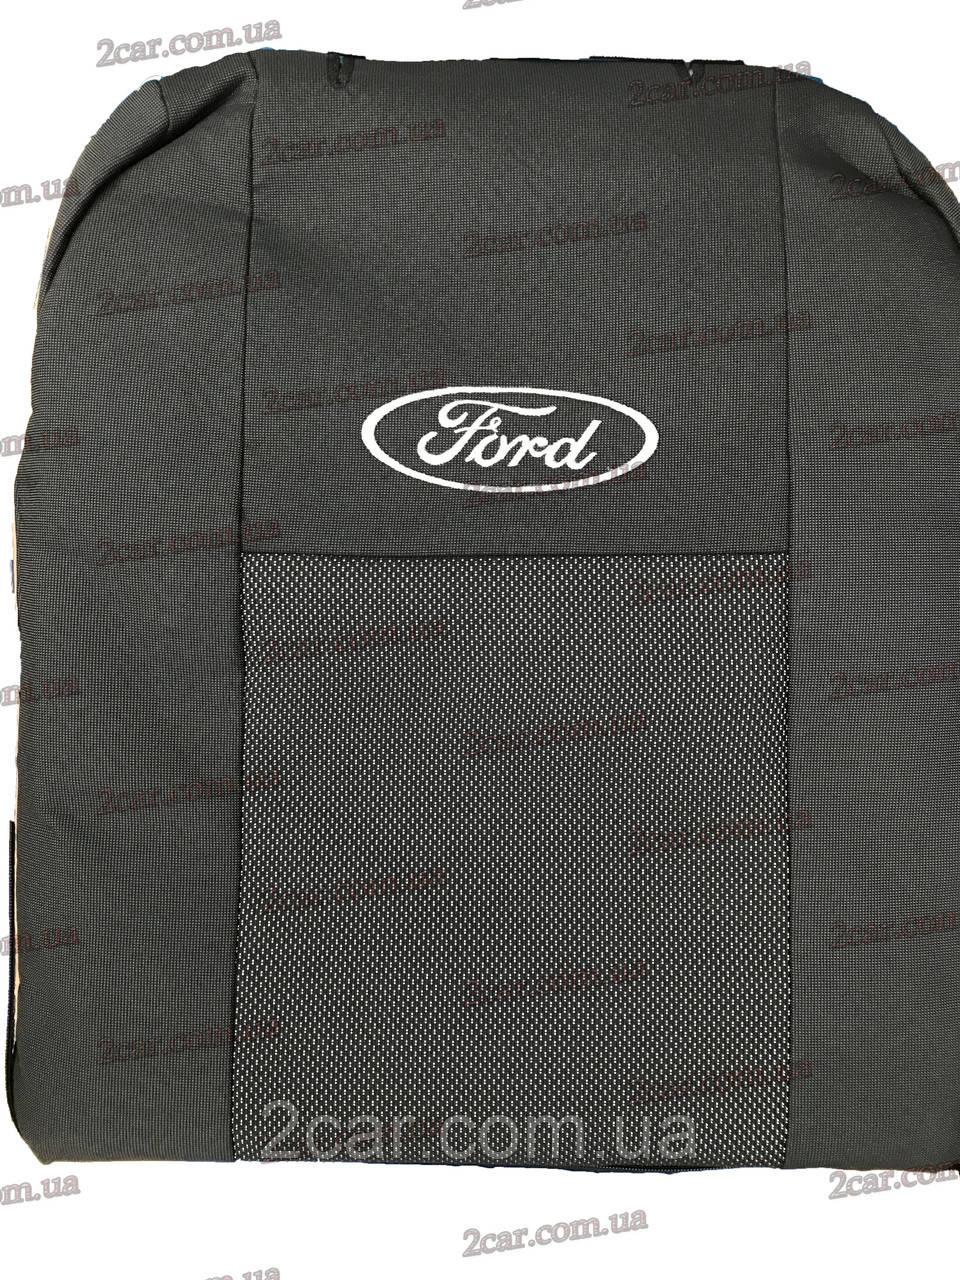 Чехлы в салон модельные Ford Transit 2000- (Prestige_Budget)